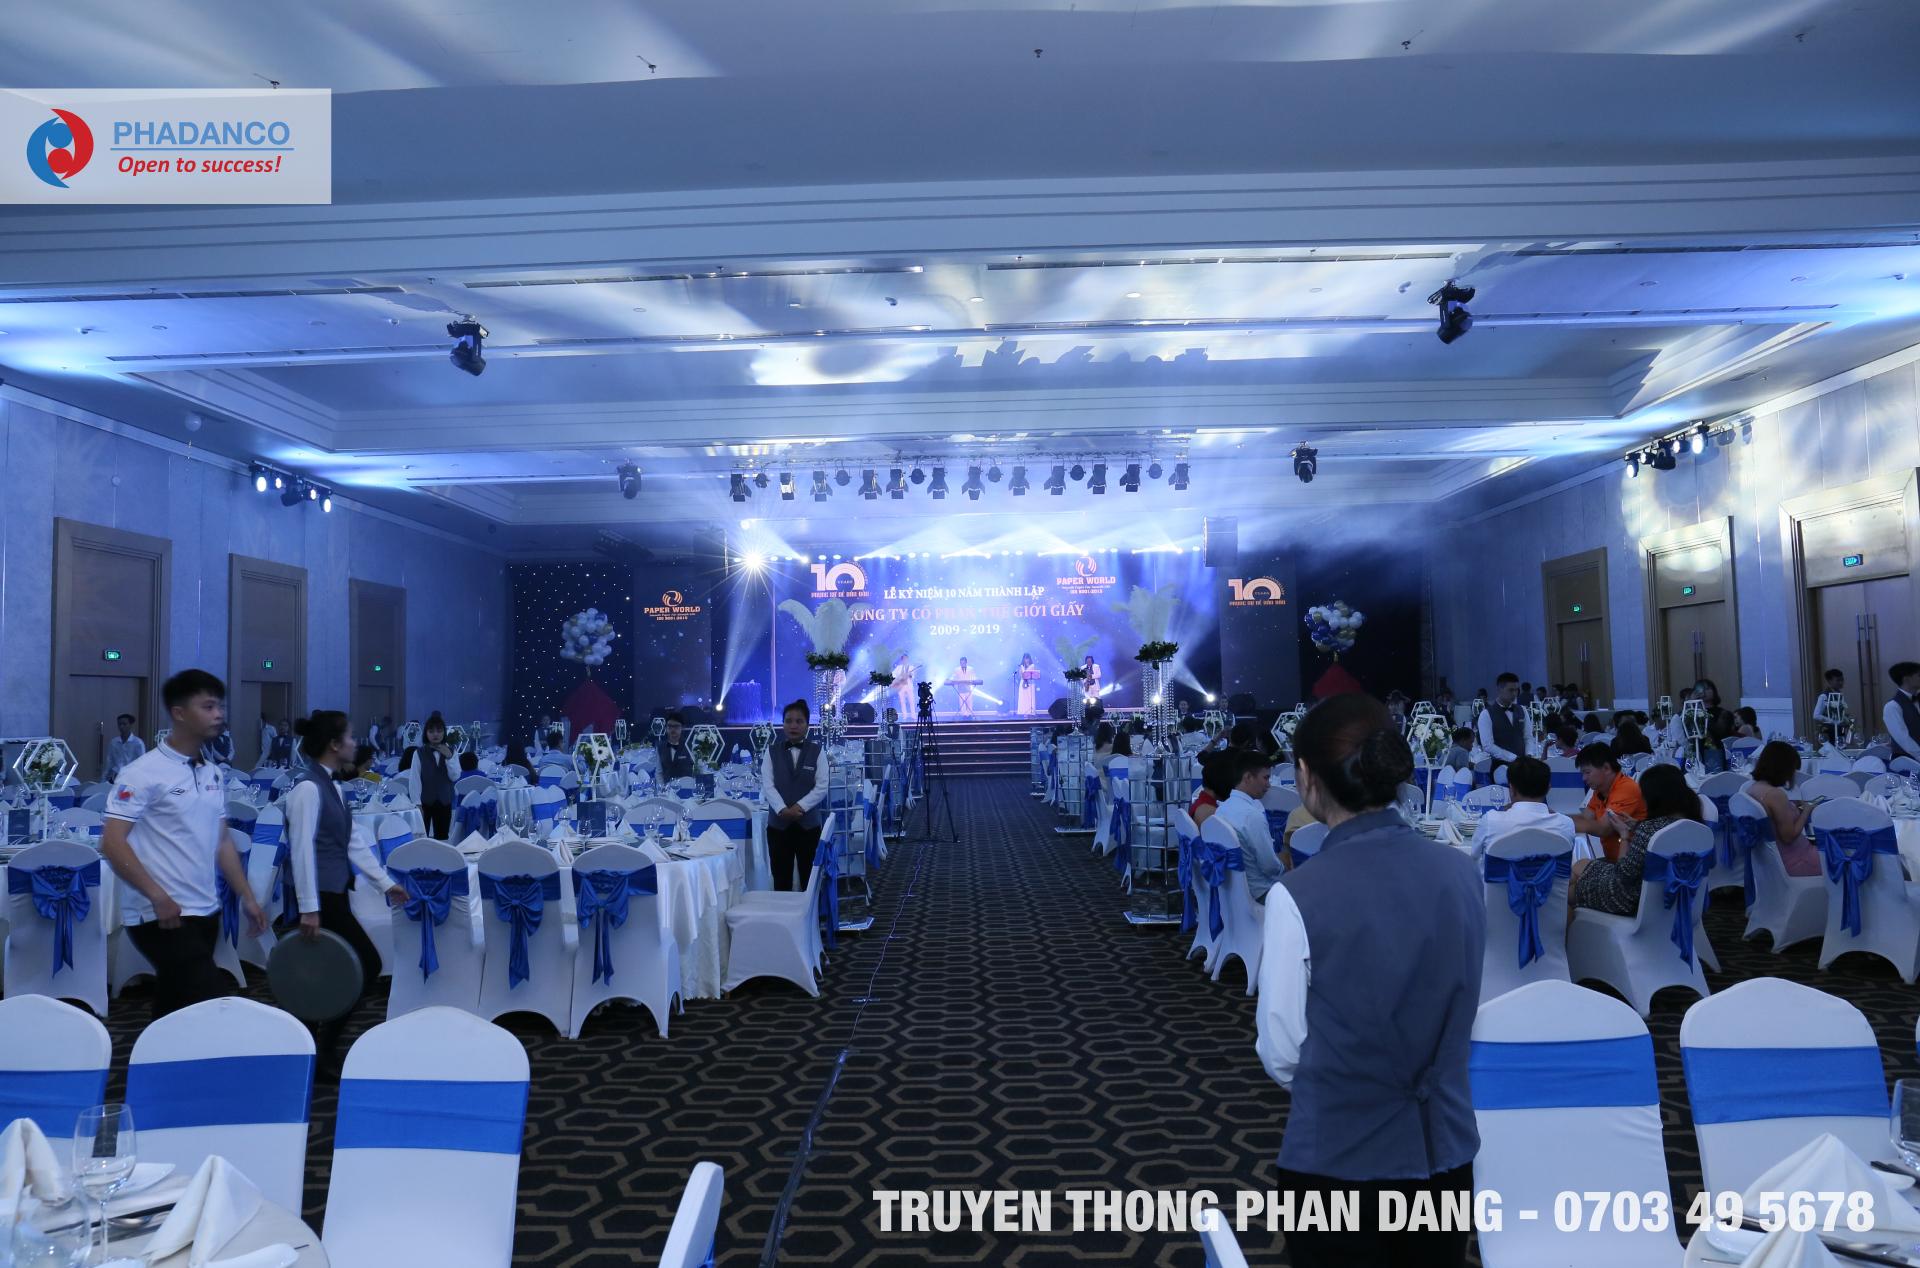 Công ty tổ chức sự kiện truyền thông Phan Đăng